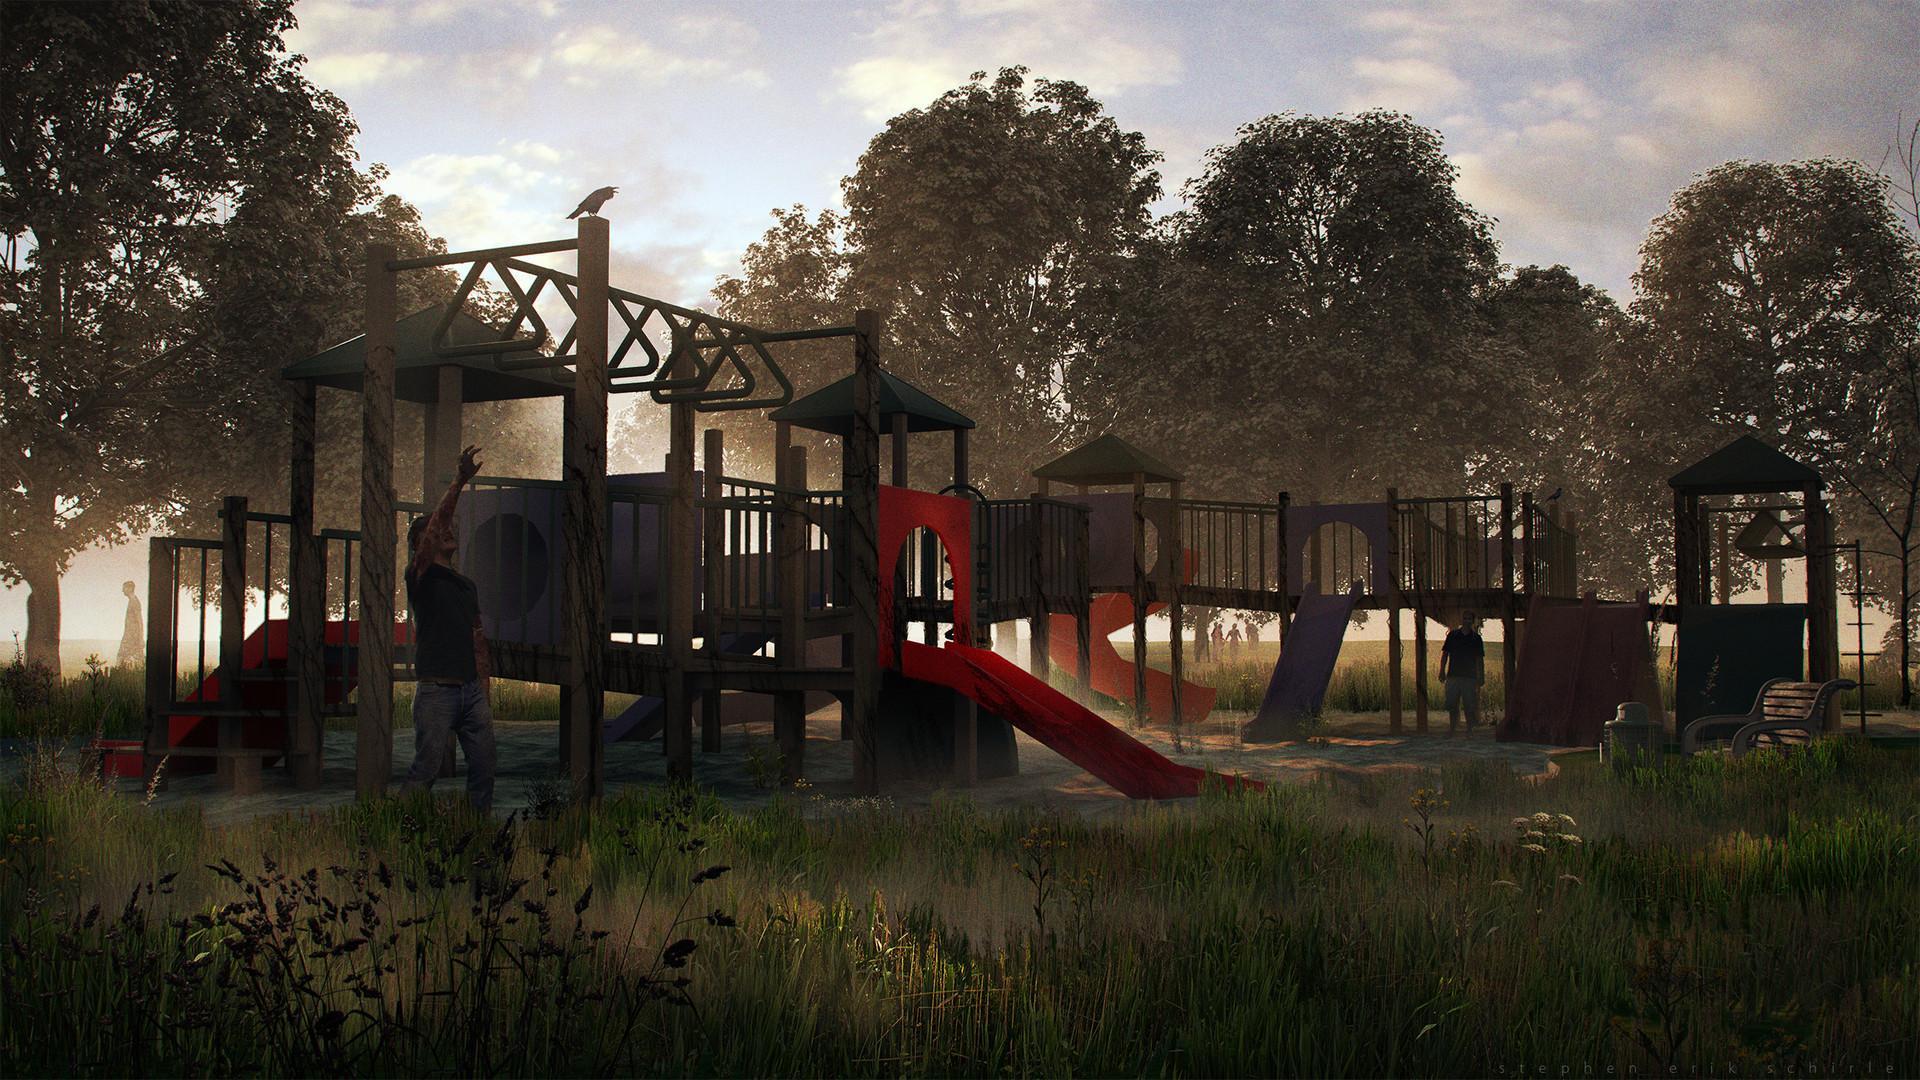 Stephen schirle playground 01